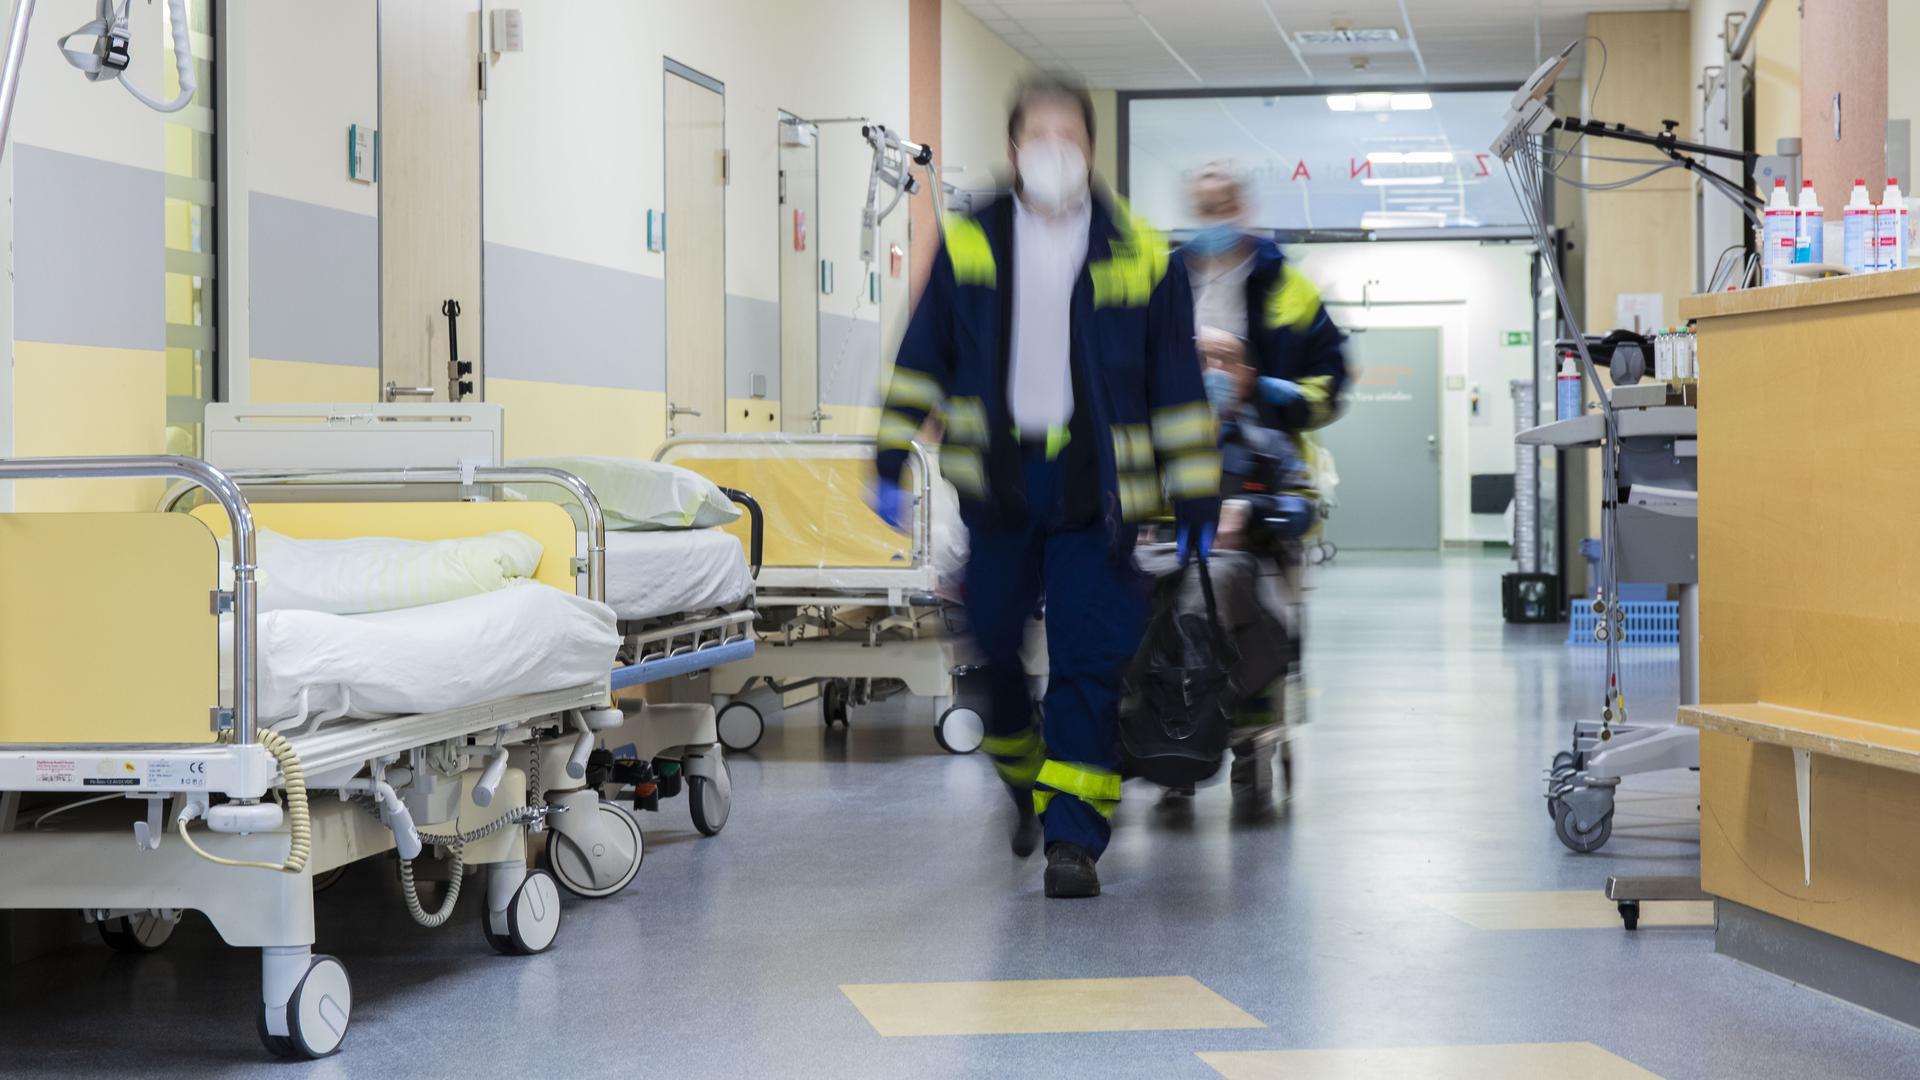 Rettungssanitäter bringen einen Patienten in die Zentrale Notaufnahme des Klinikums Baden-Baden-Balg.